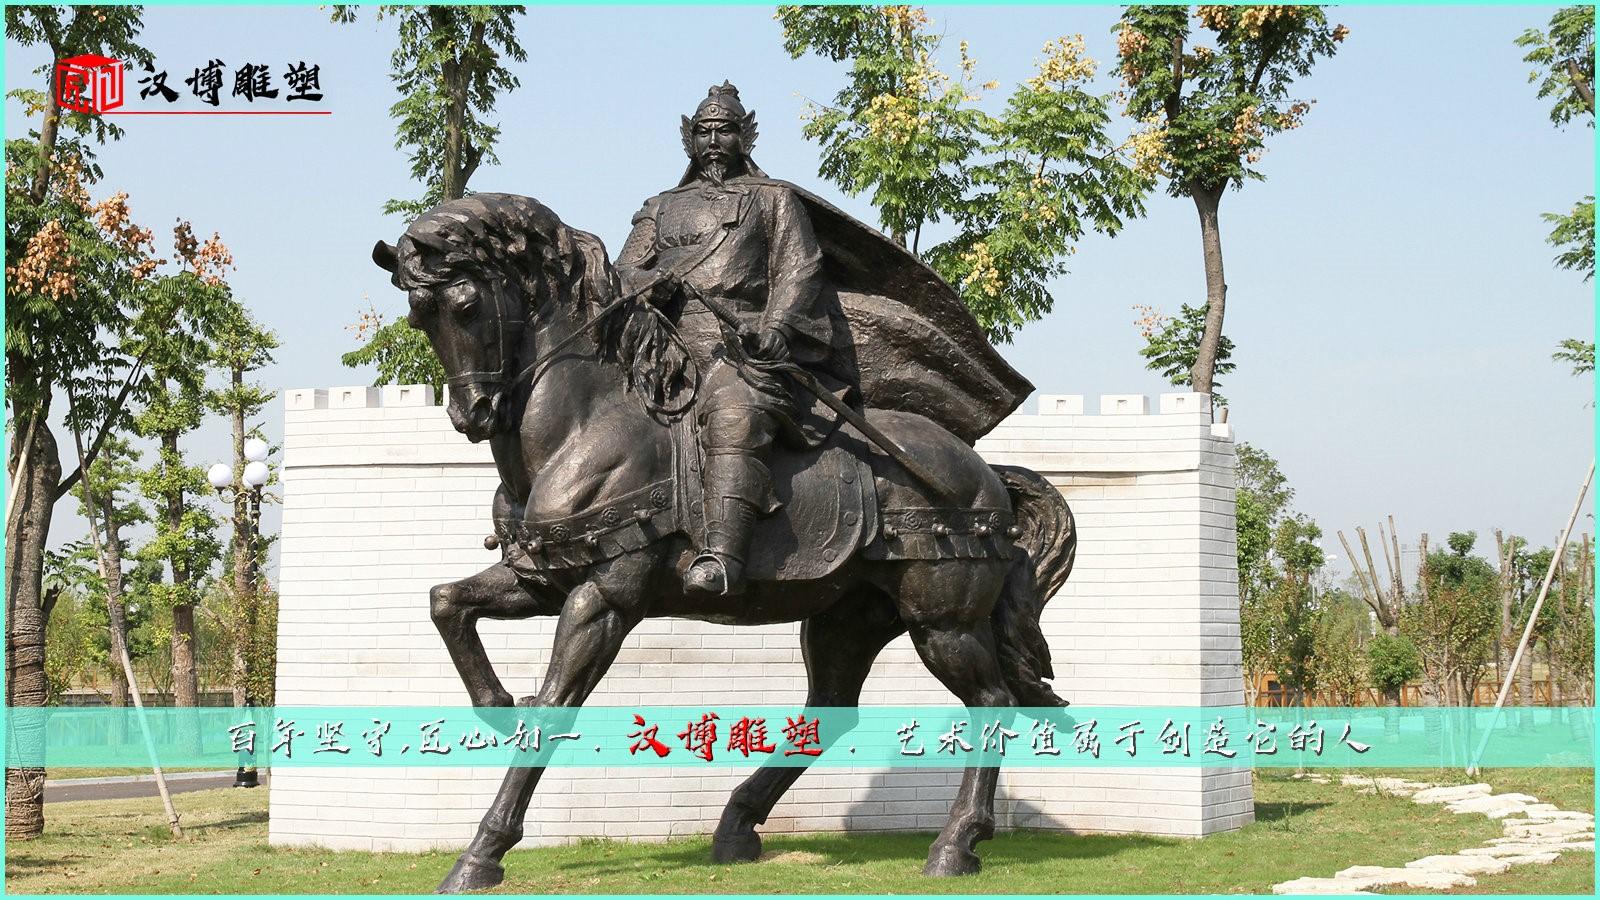 骑马人铸铜雕塑,一个人,一匹马,走天涯